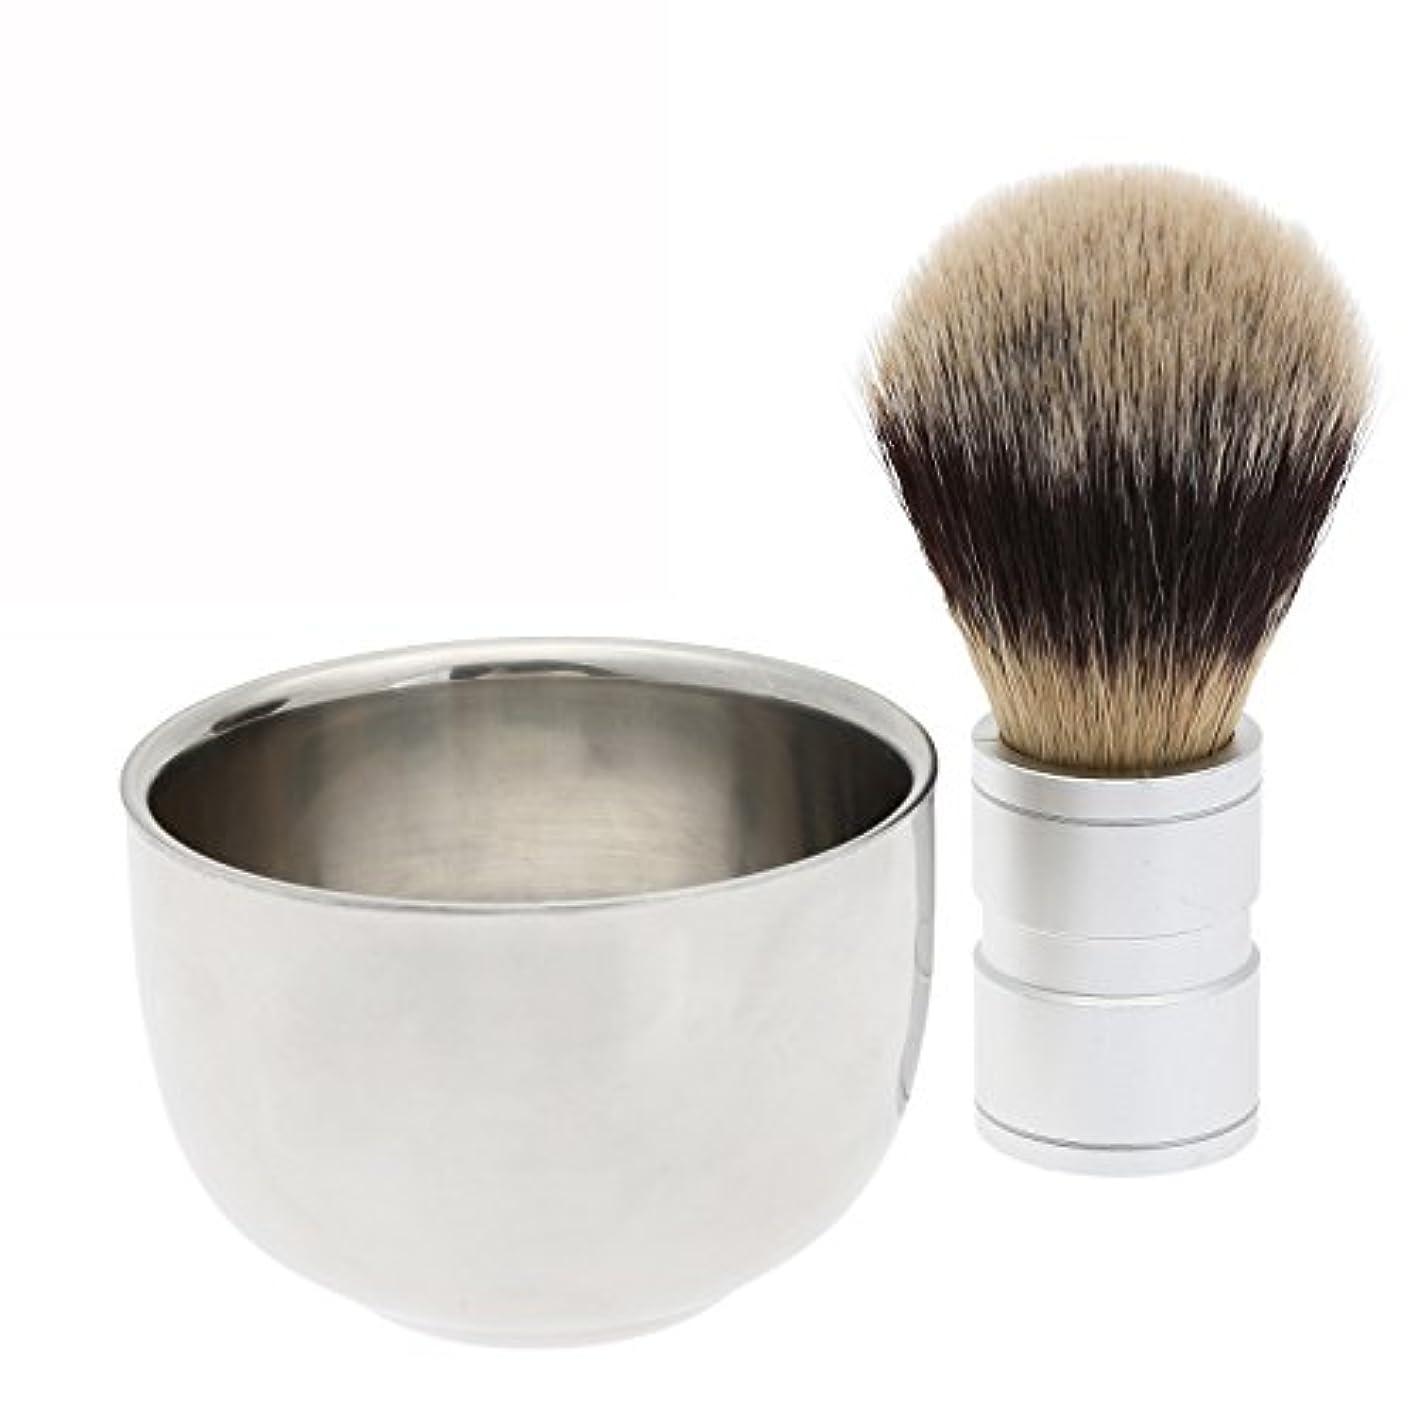 振り子マイコントランザクション2PC/セット メンズシェービング用 シェービングブラシ +ステンレス鋼のボウルマグカップ ギフト 理容 洗顔 髭剃り